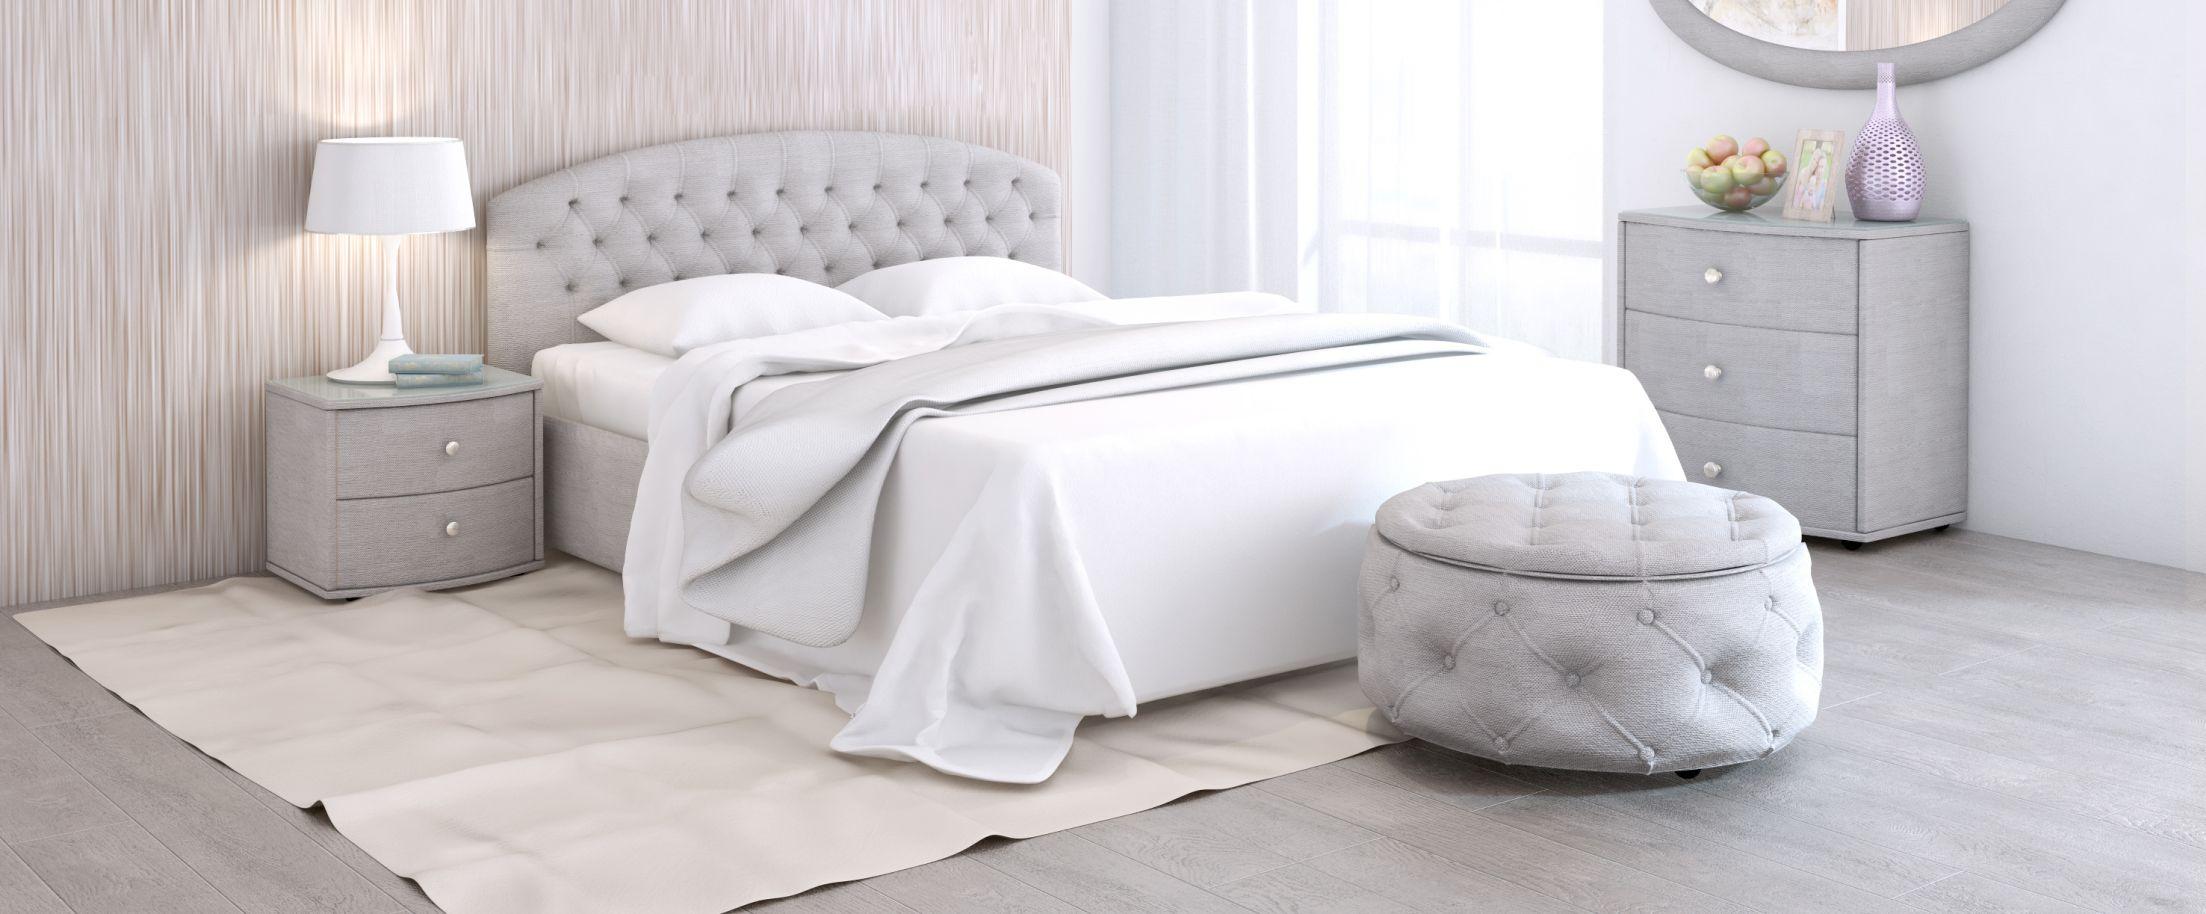 Кровать двуспальная Пальмира Модель 380Изящная модель со скруглённой спинкой. Благодаря лаконичности форм и прекрасным цветовым решениям эта кровать cделает любой интерьер легким и элегантным.